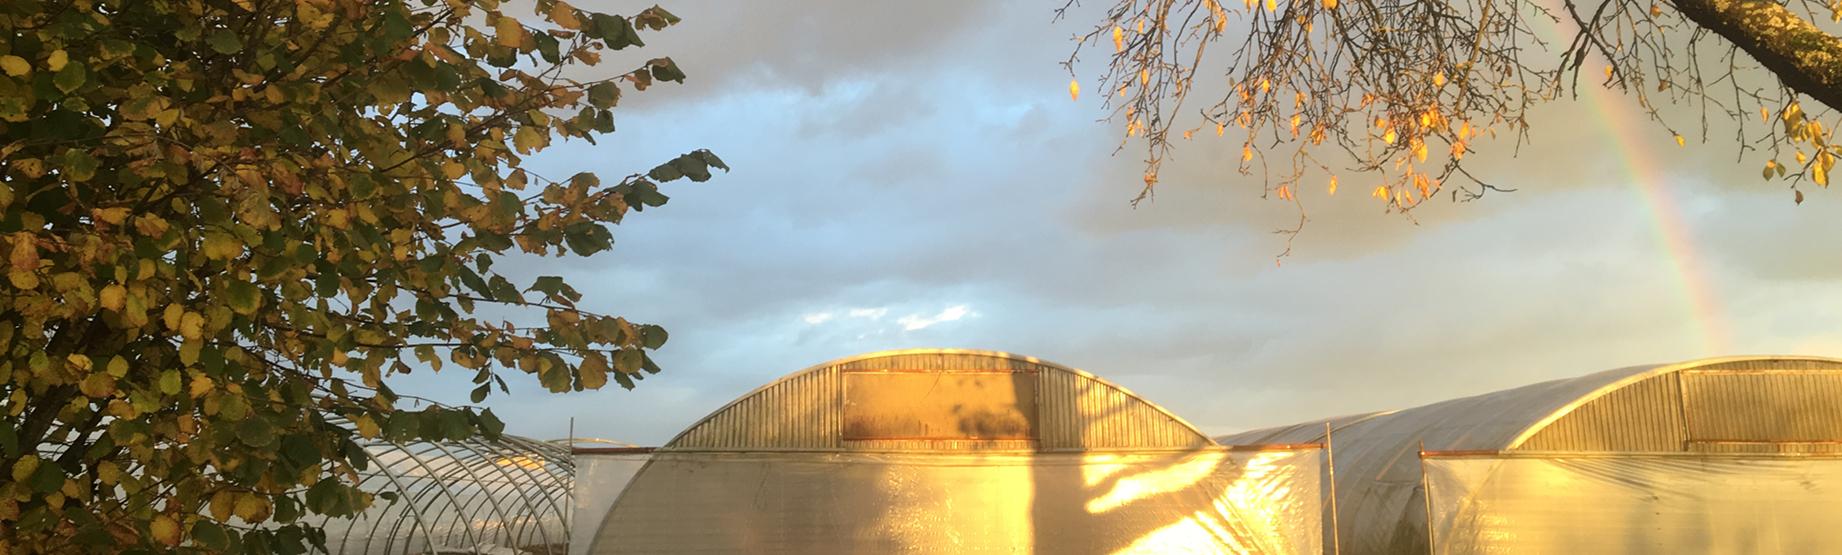 Sonnenuntergang mit Regenbogen